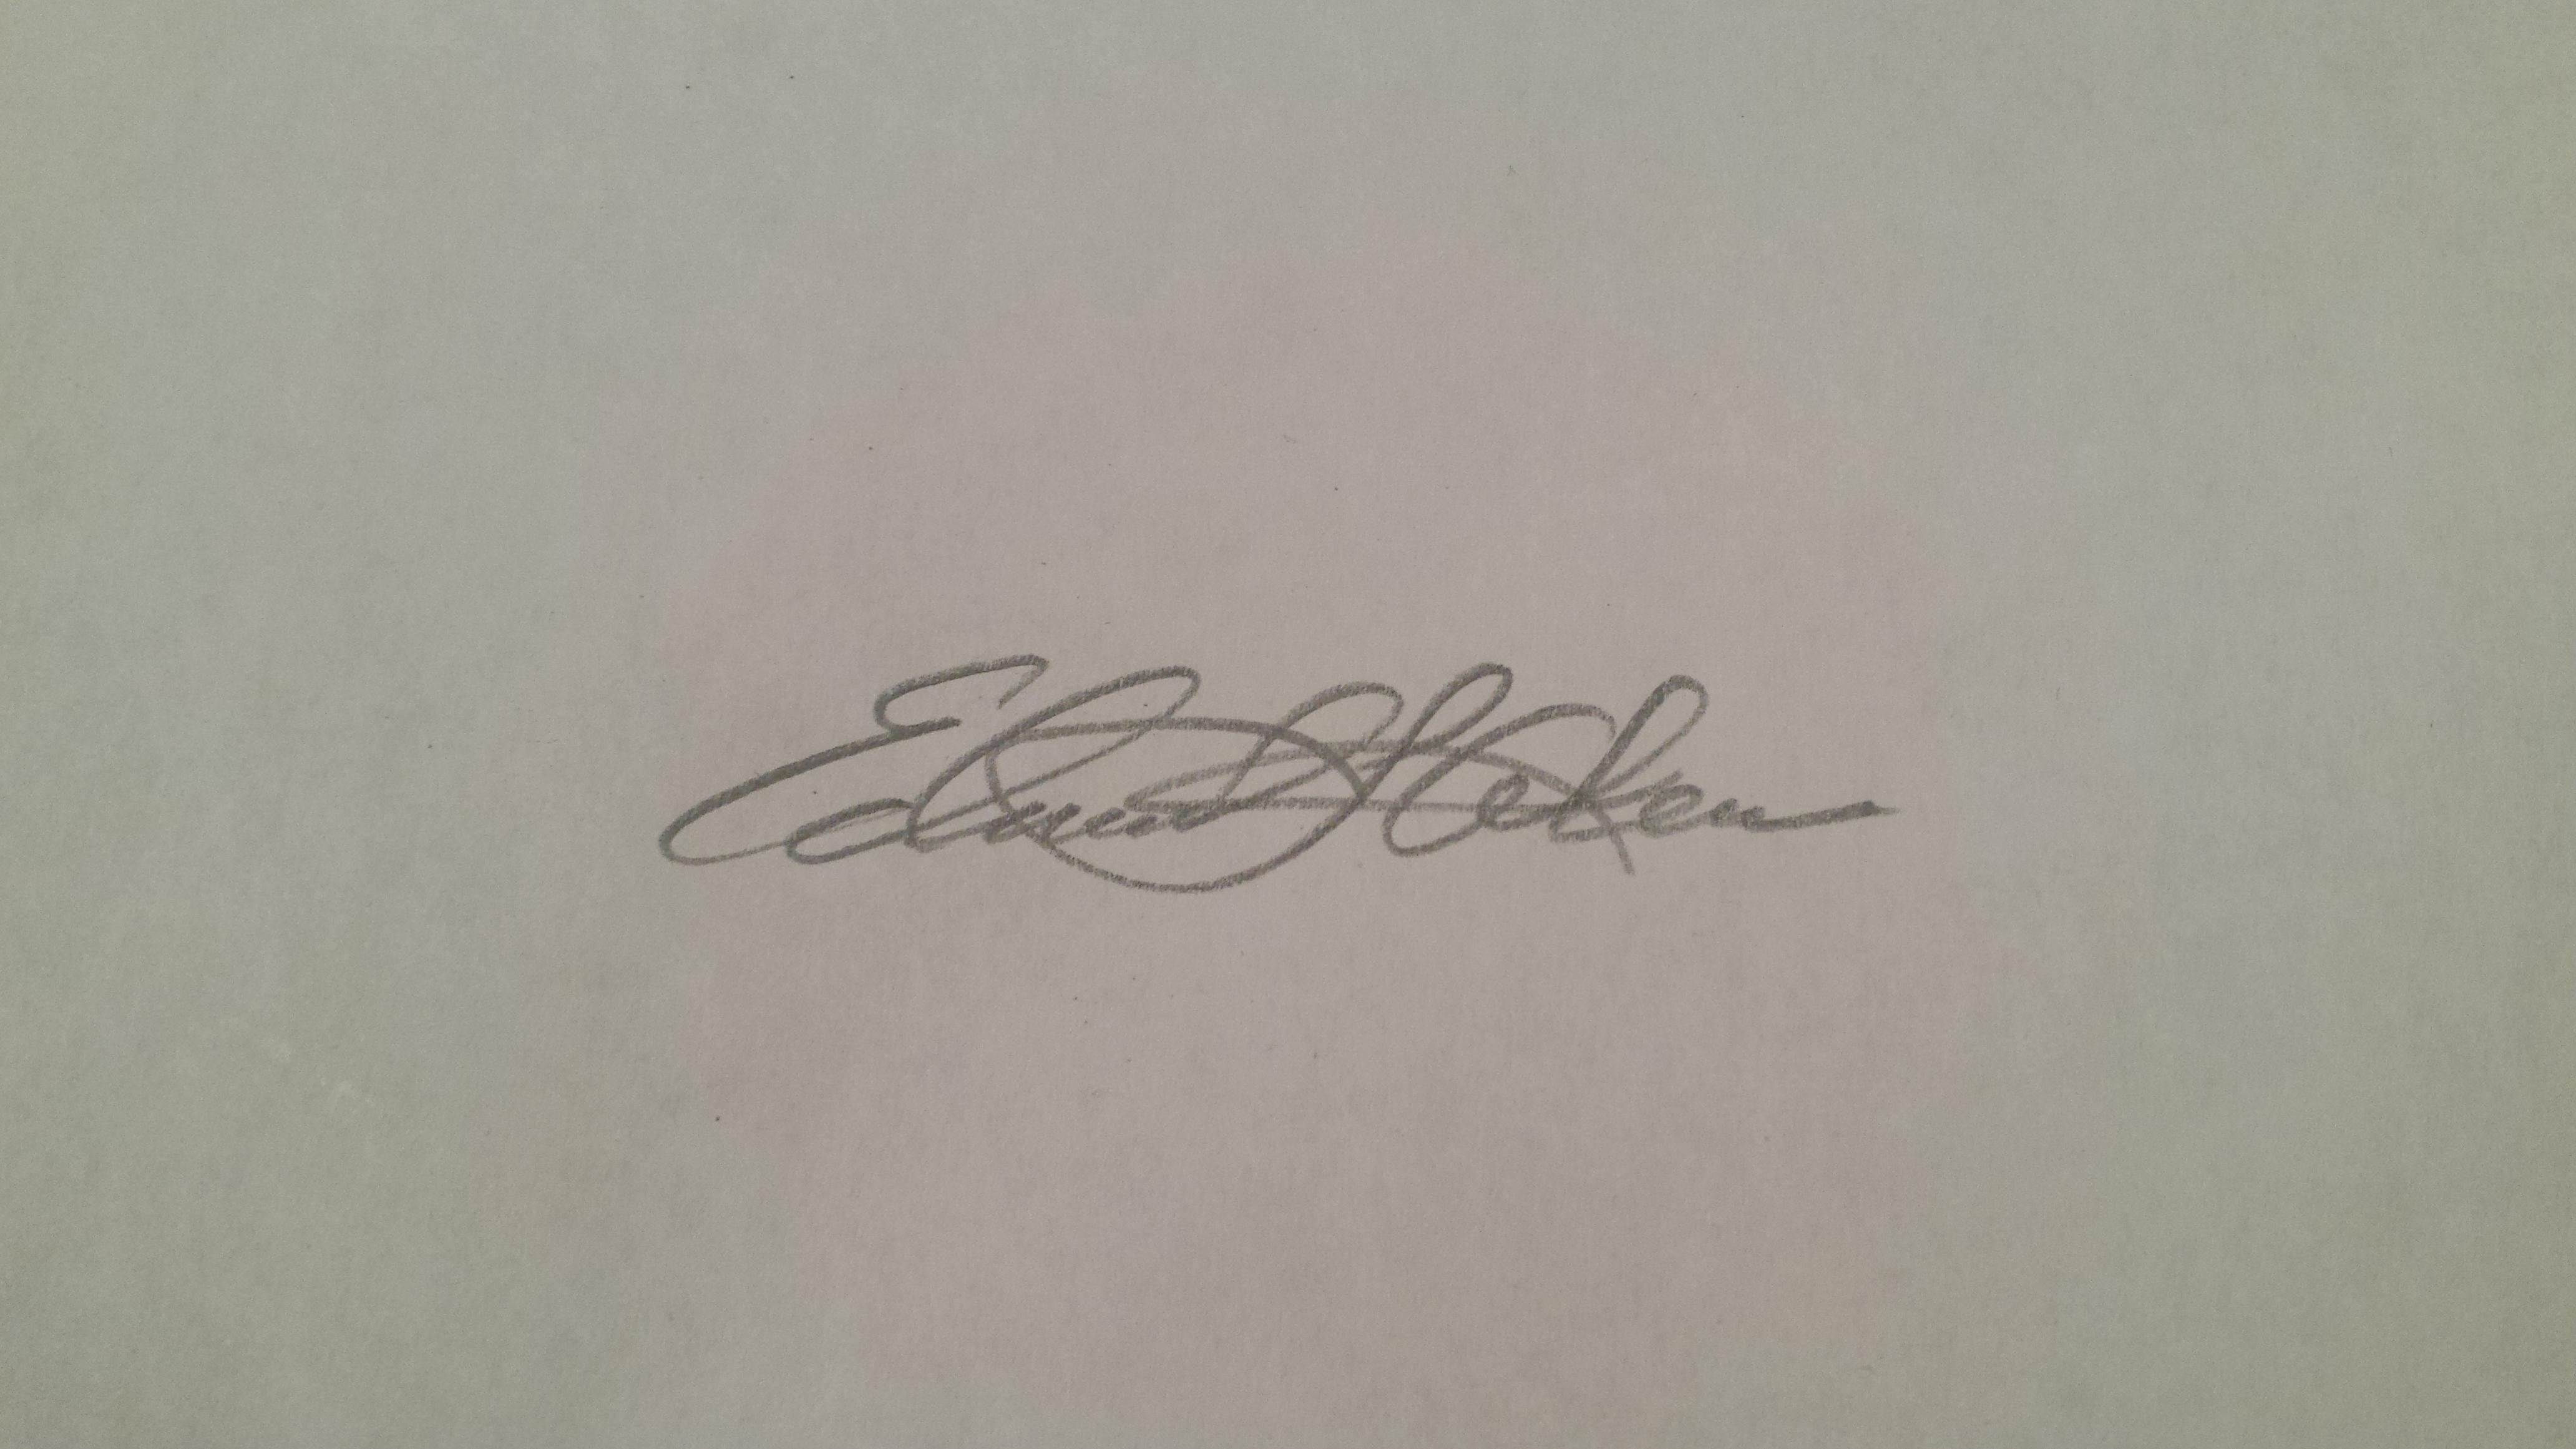 Edmund Akers's Signature